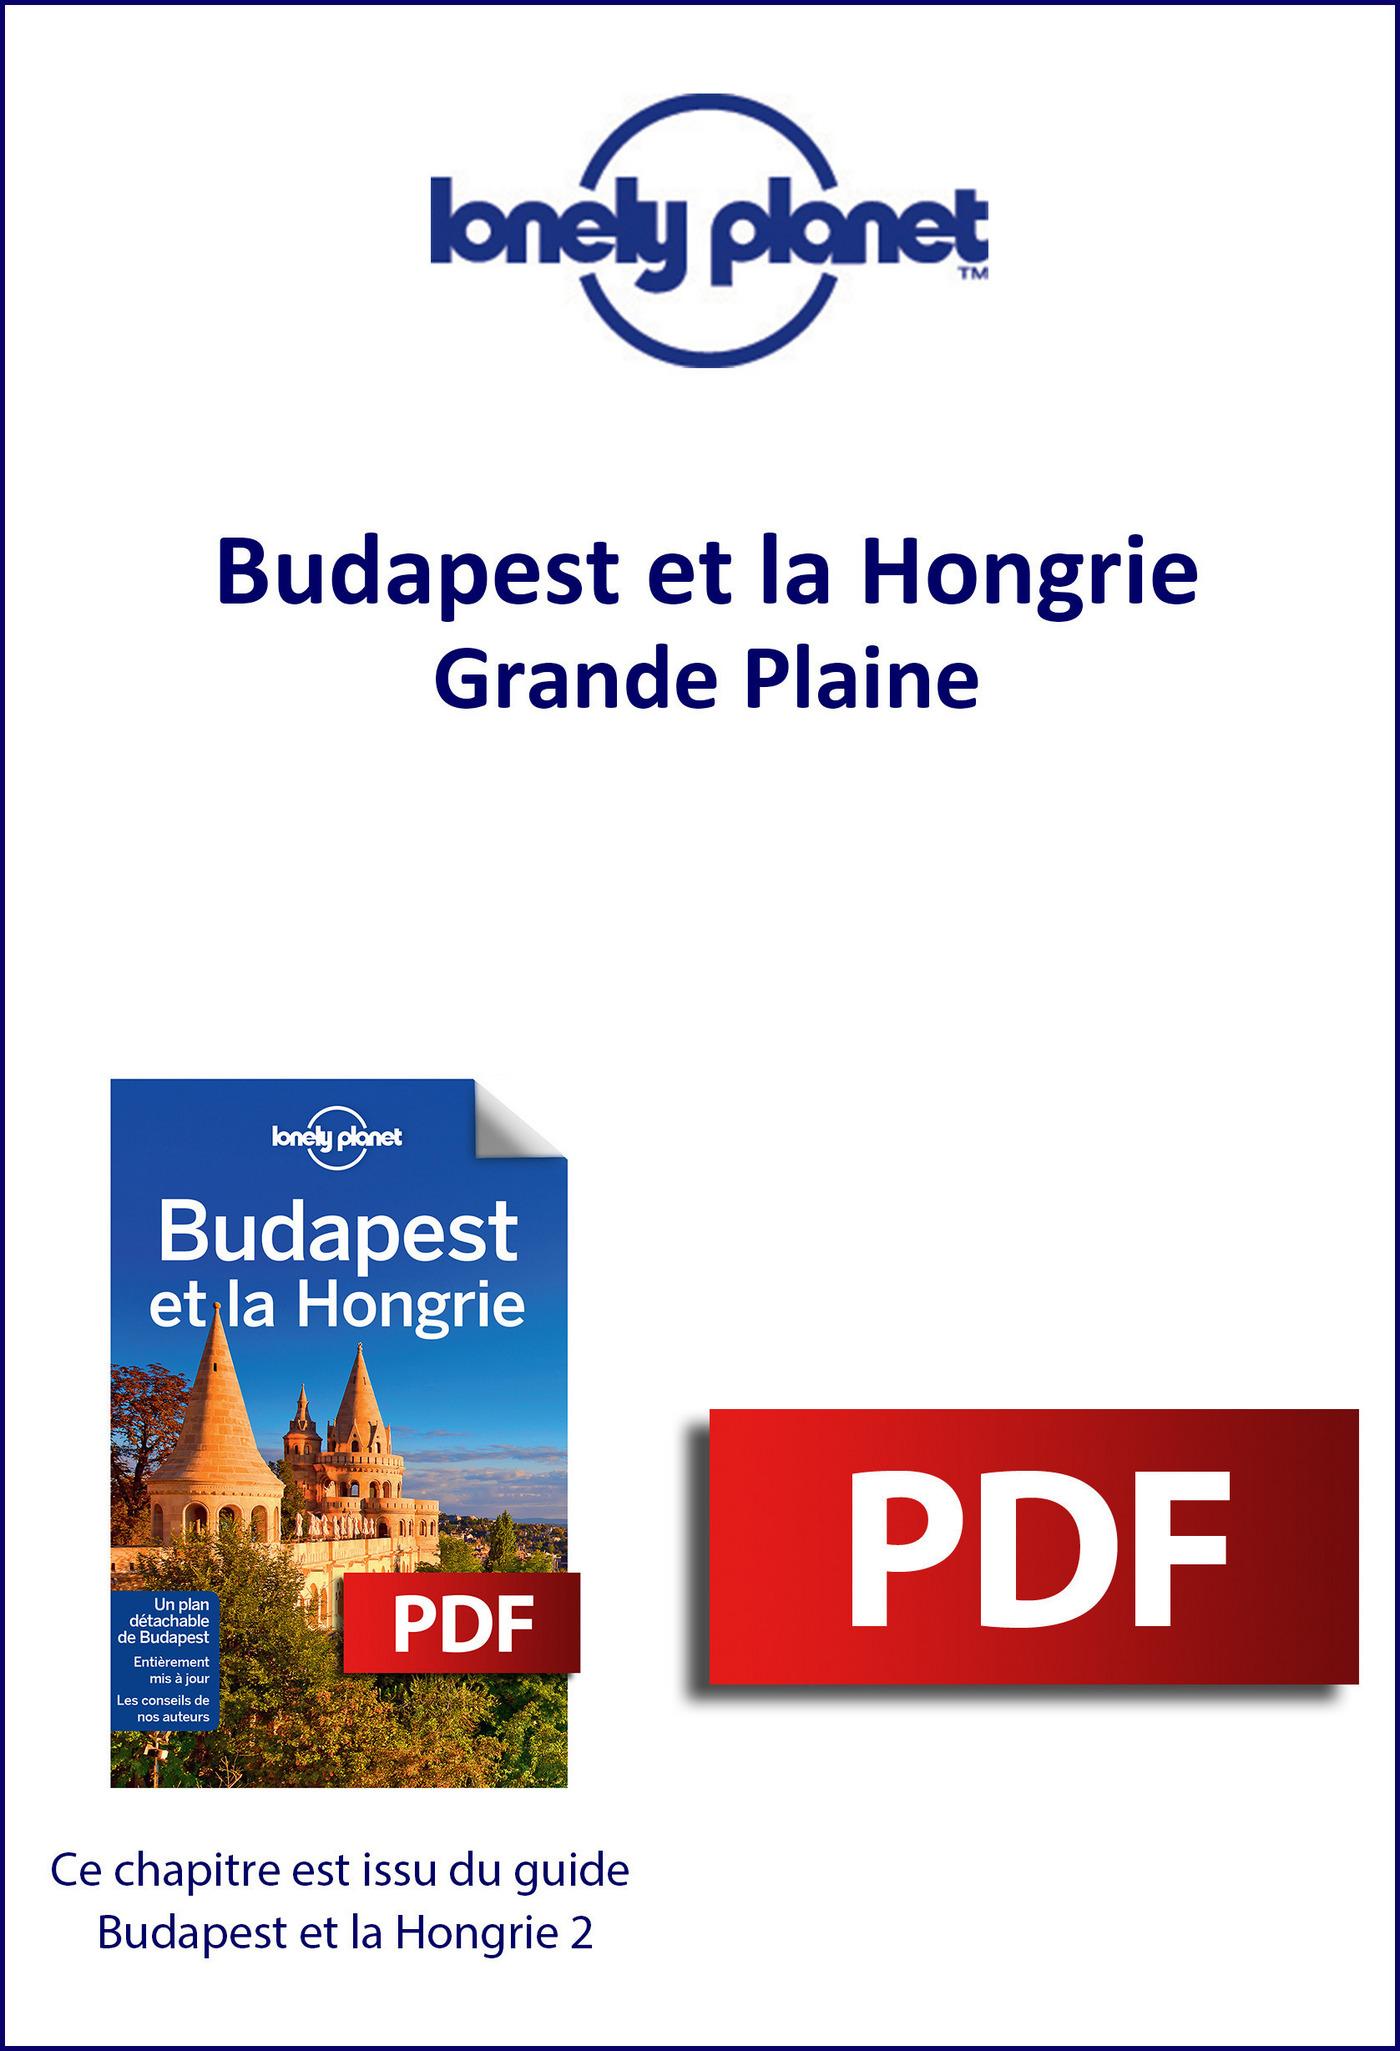 Budapest et la Hongrie - Grande Plaine